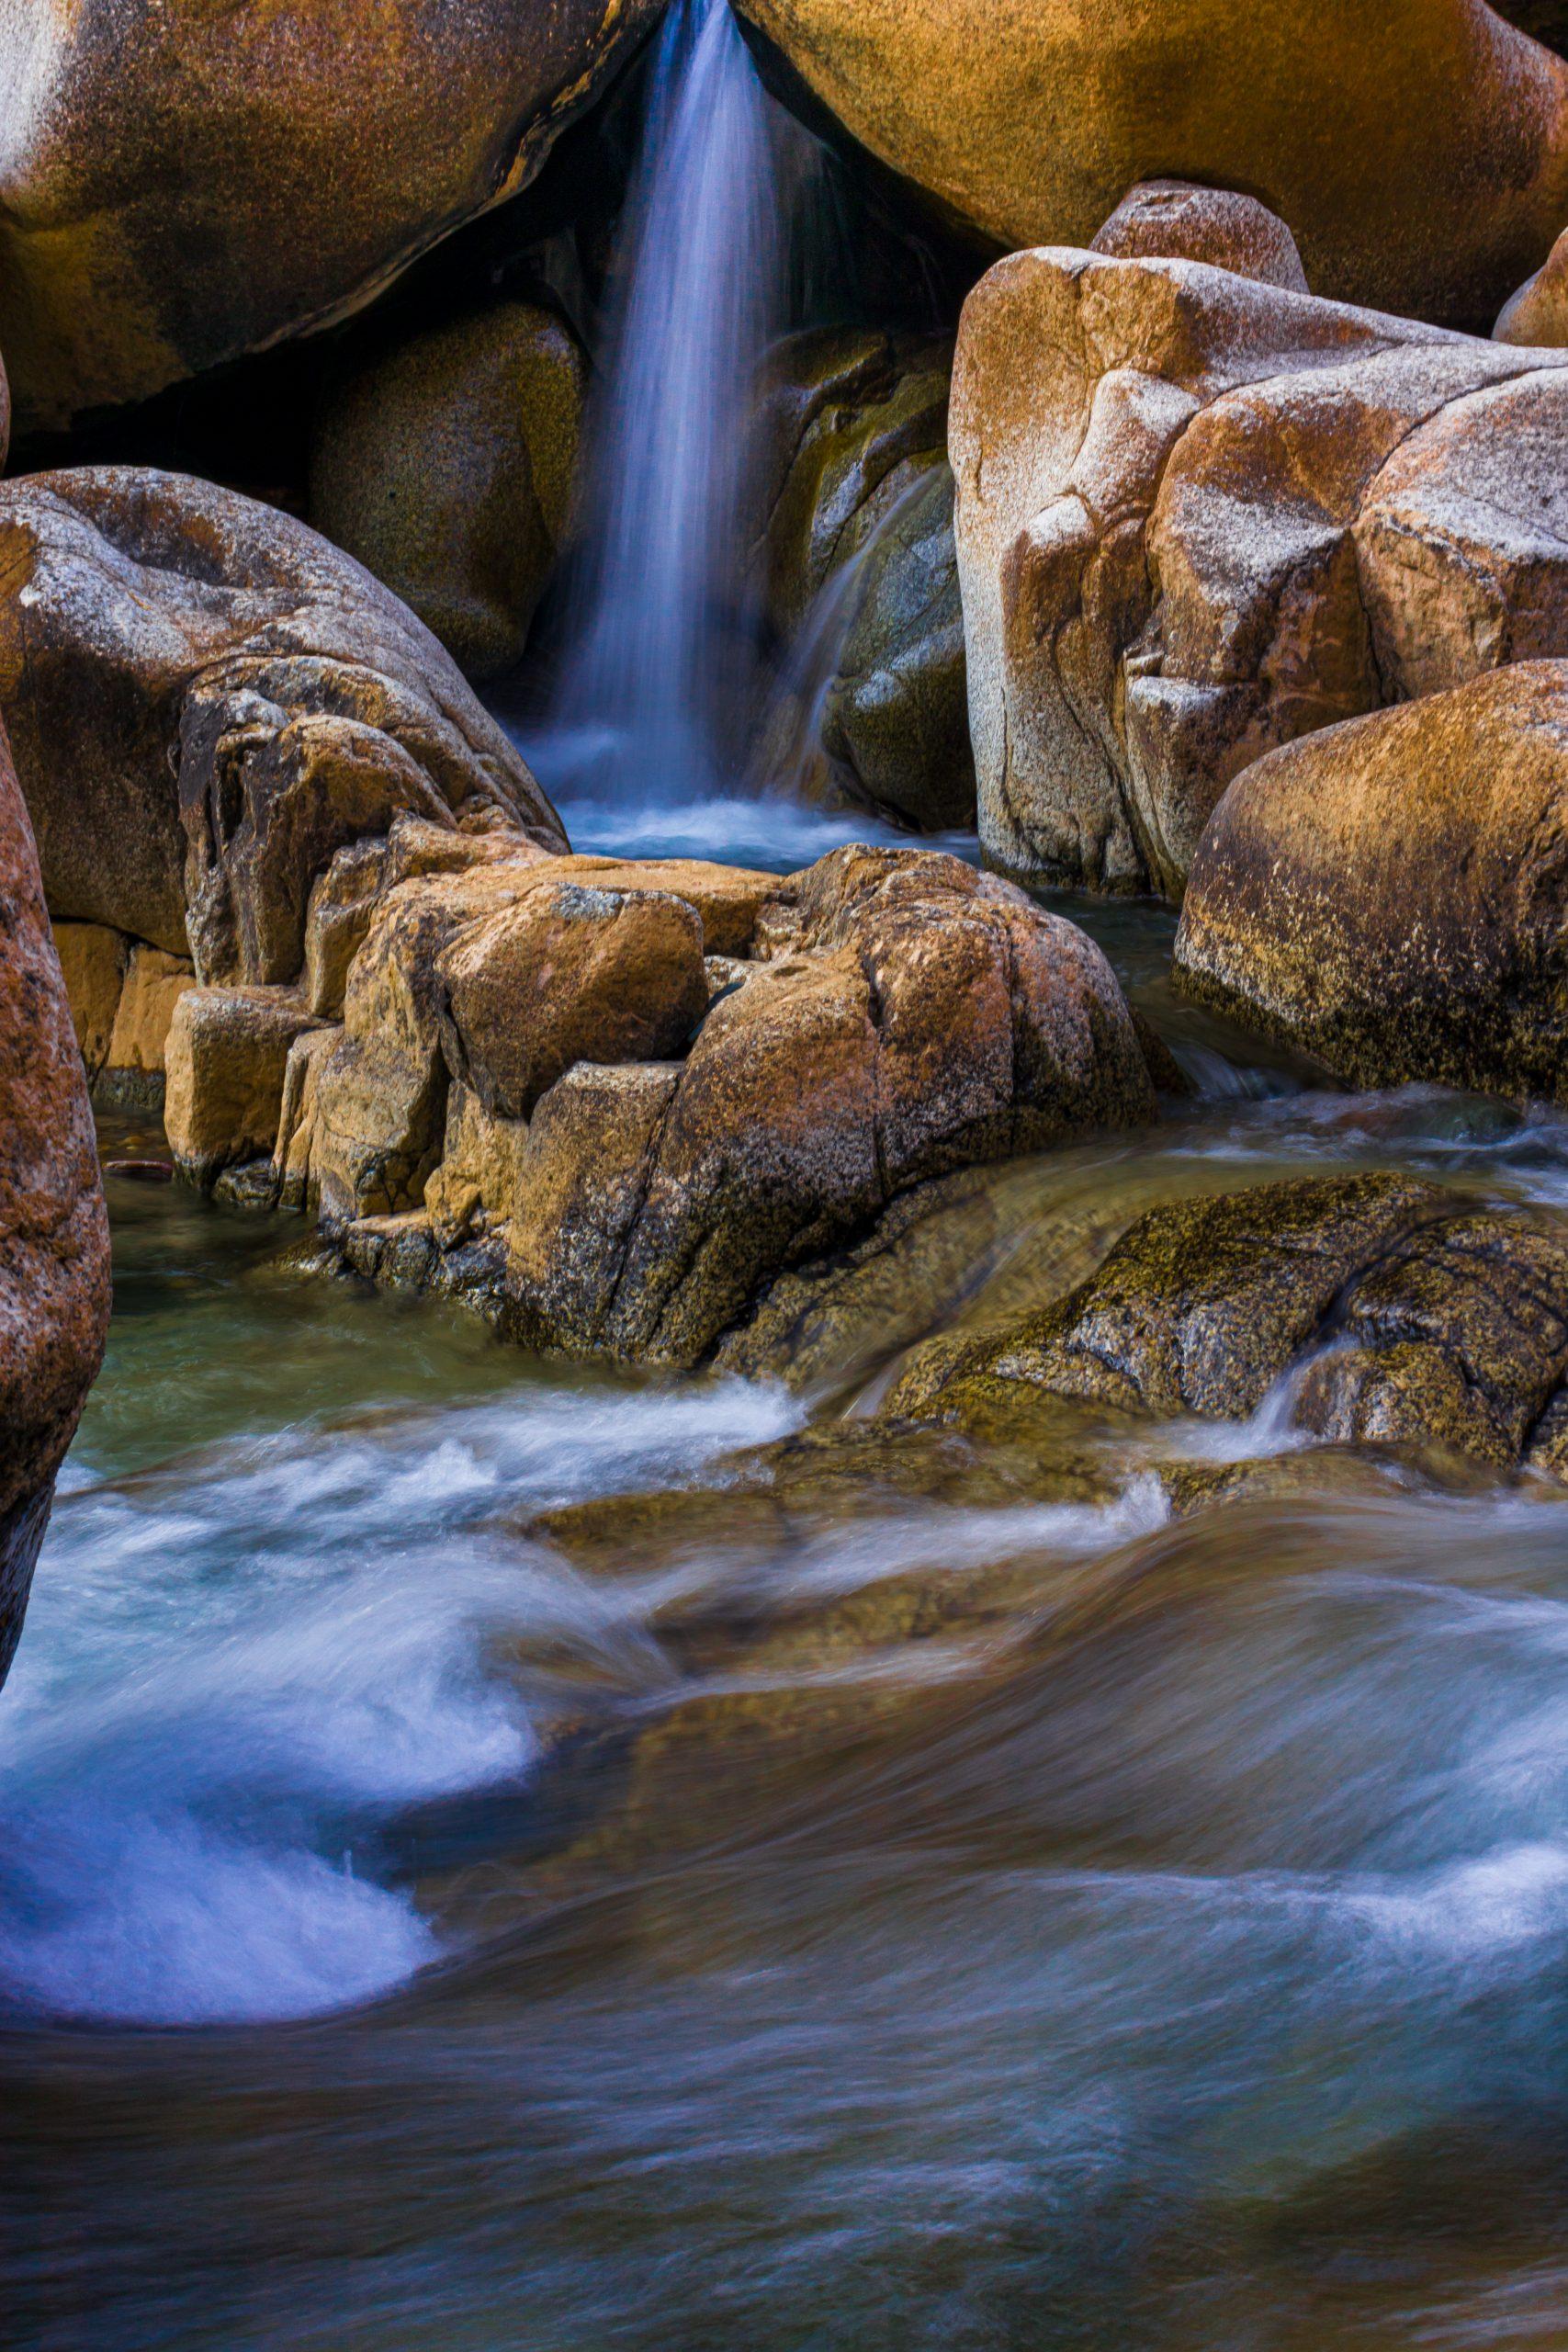 Portrait of waterfall